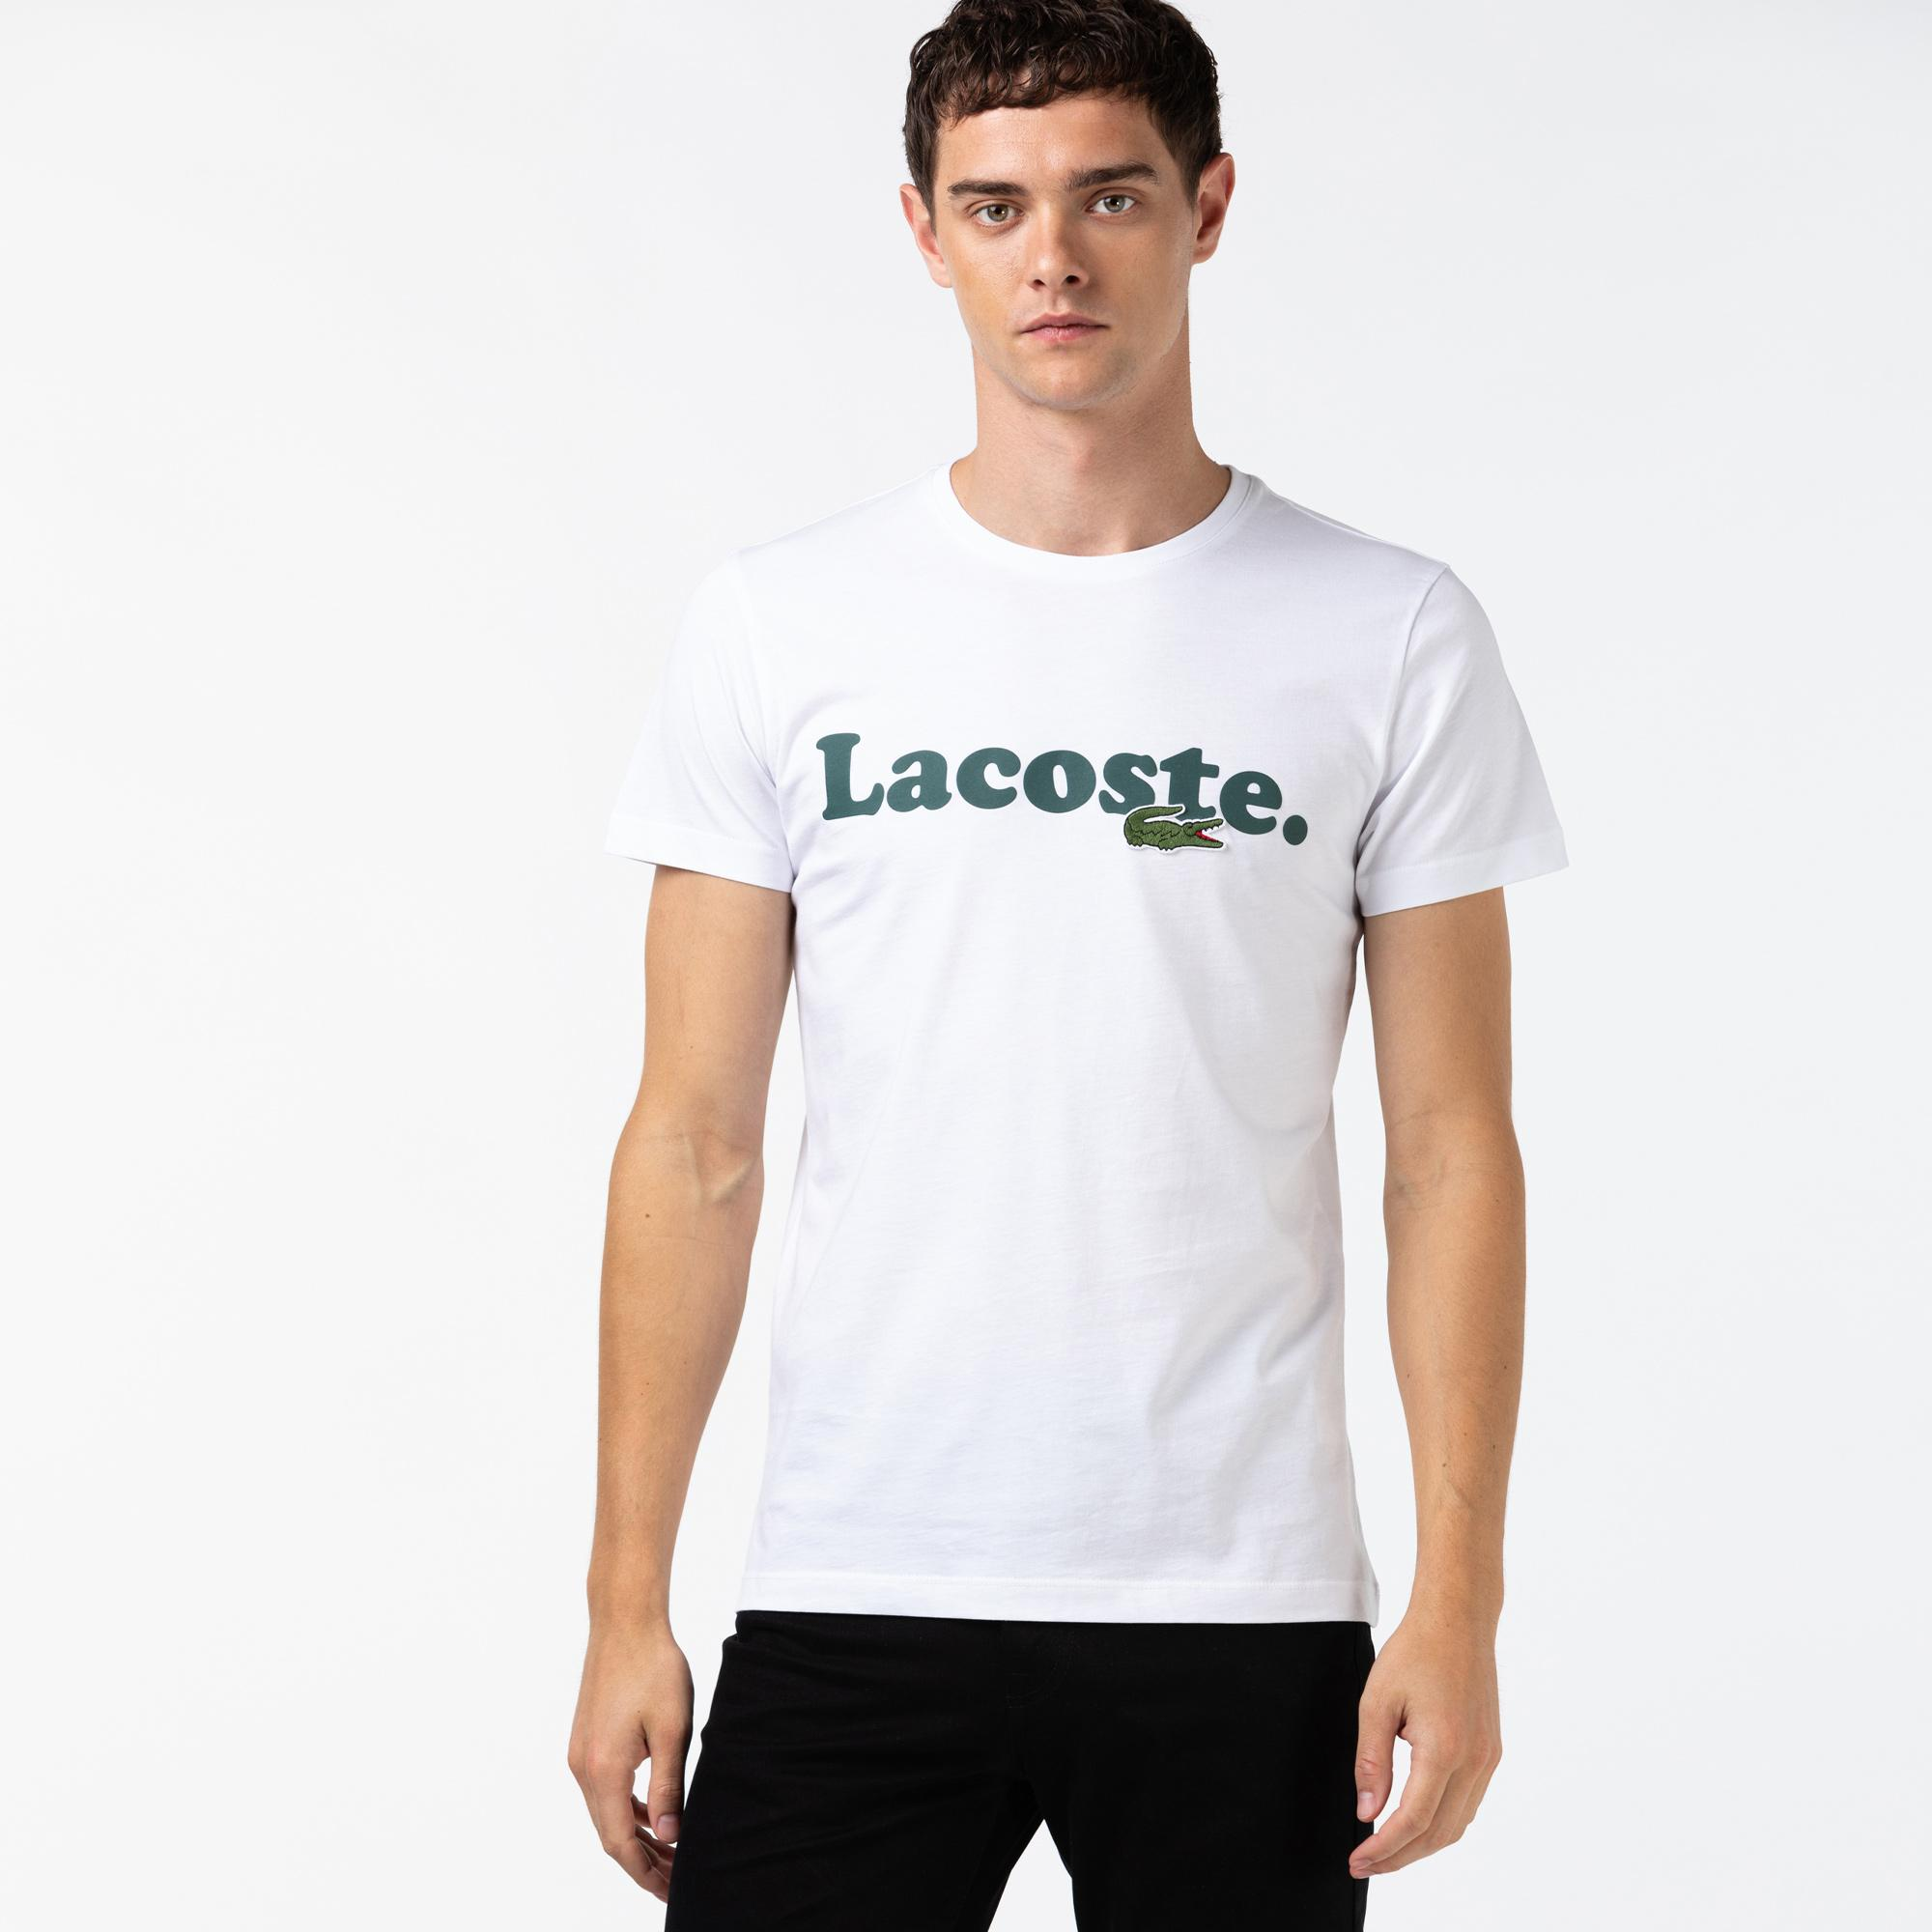 Lacoste Męski T-Shirt Bawełniany Z Logo Krokodyla